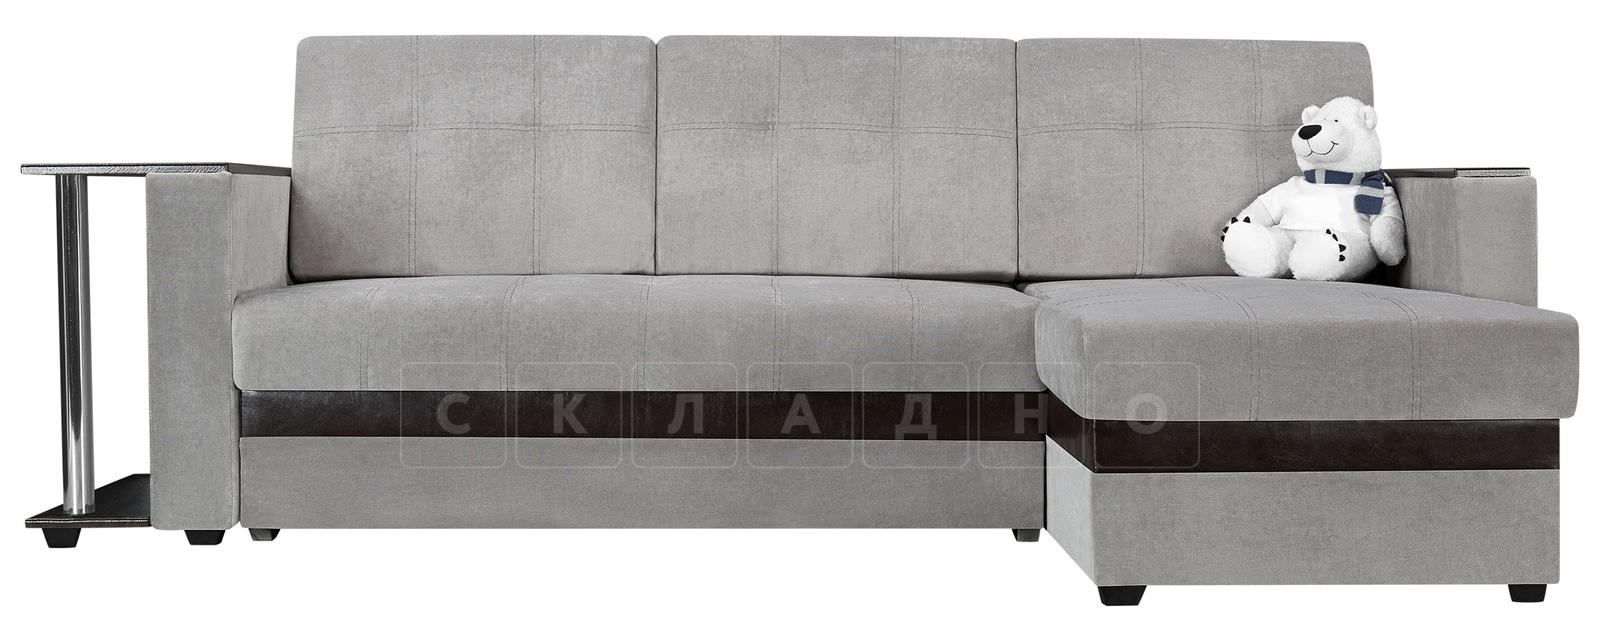 Угловой диван Атланта велюр светло-серый фото 2 | интернет-магазин Складно